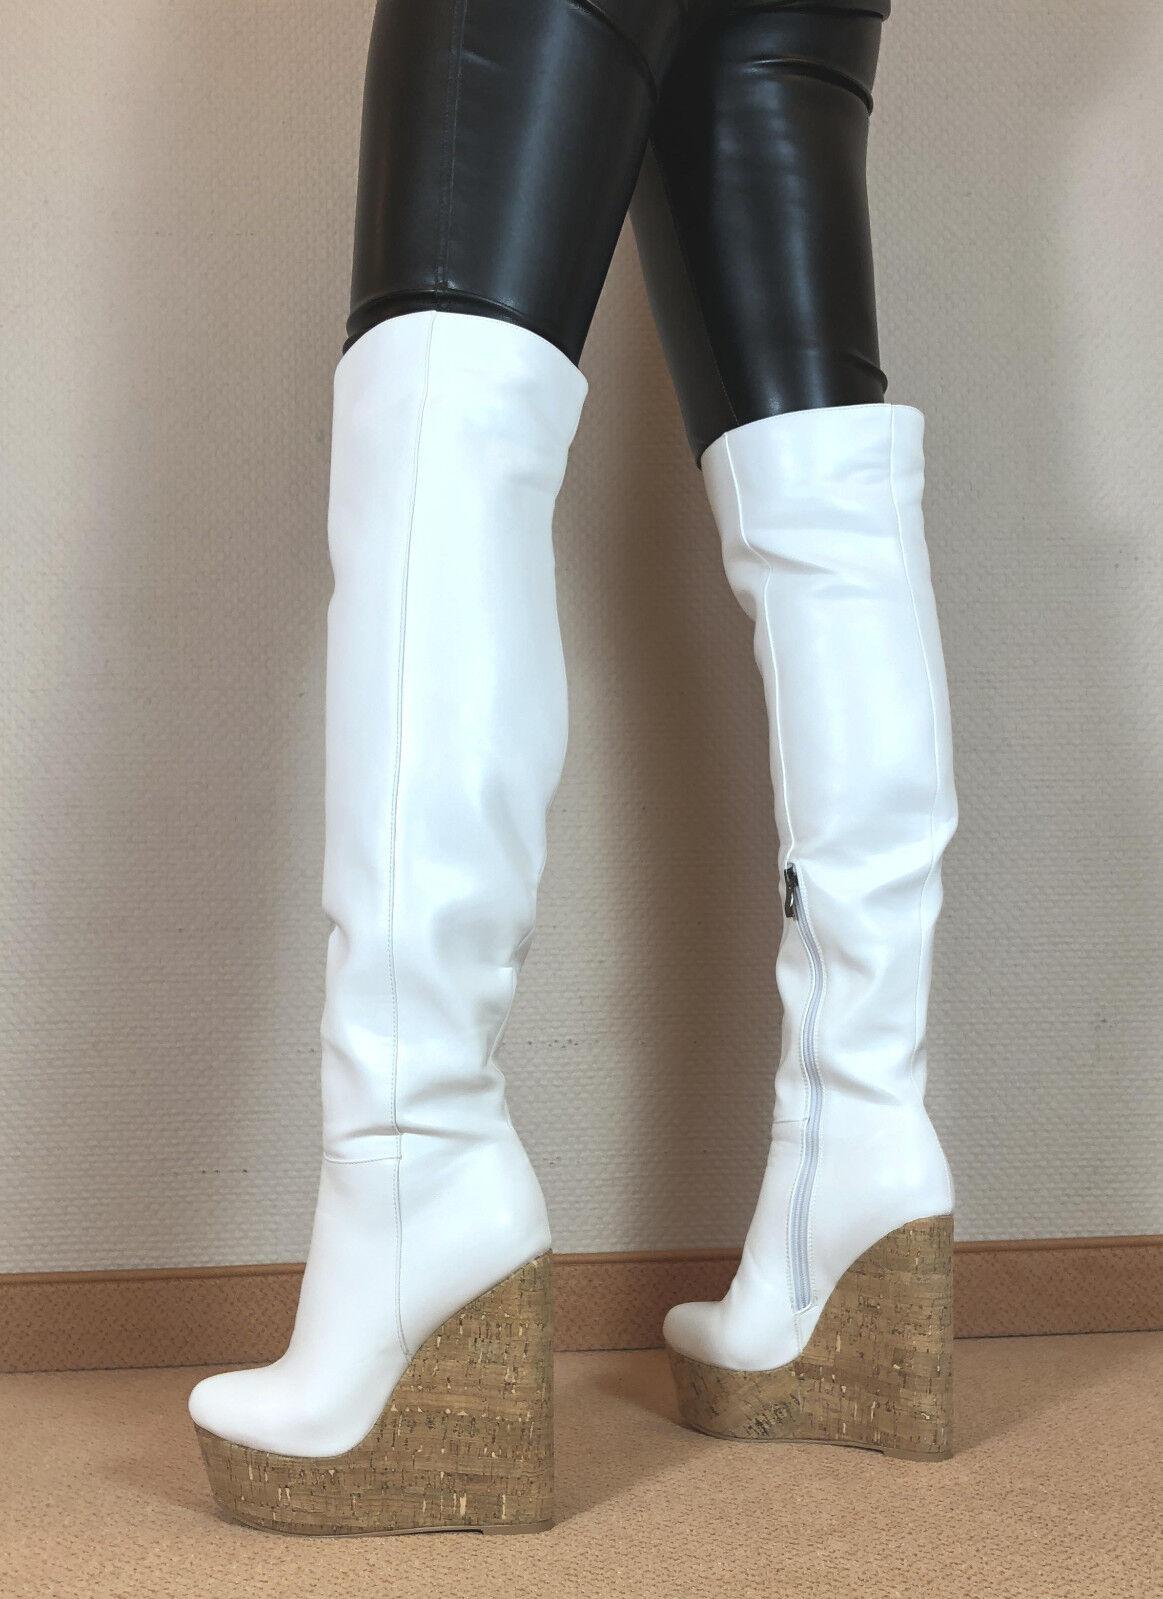 Talla 42 top  en exclusiva sexy sexy sexy zapatos señora botas altas de cuña bota botas hombres d7  la mejor oferta de tienda online